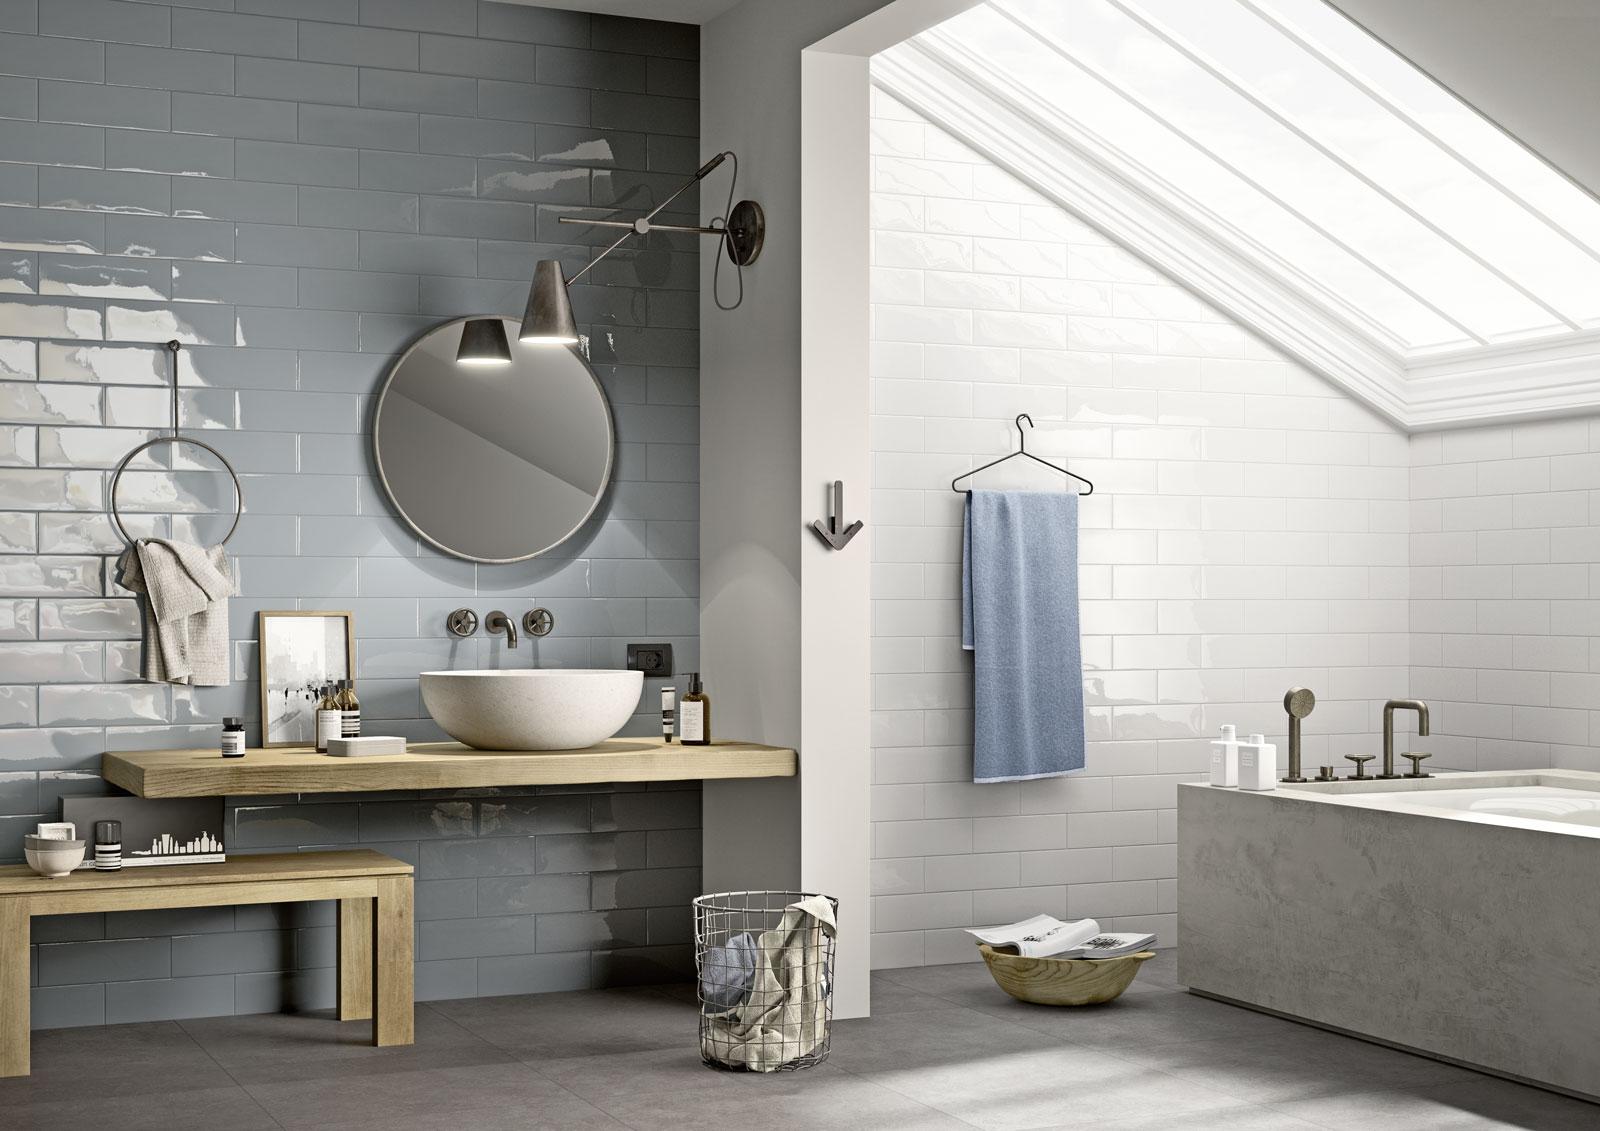 Piastrelle azzurro guarda le collezioni marazzi - Ceramiche per bagno marazzi ...